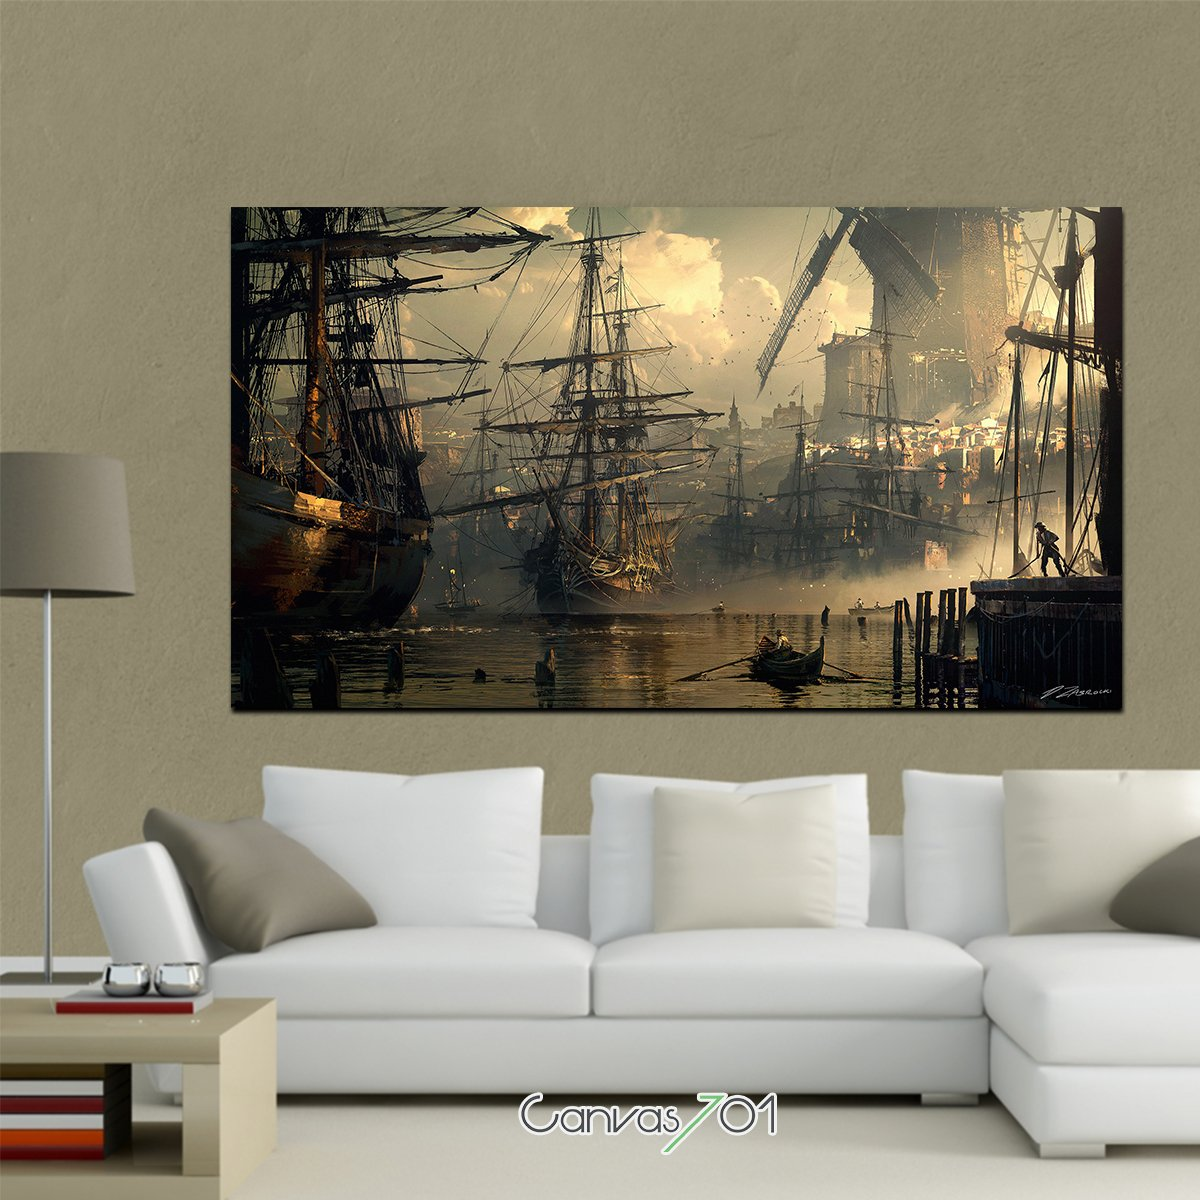 Yağlı Boya Yelkenki Gemiler Kanvas Tablo